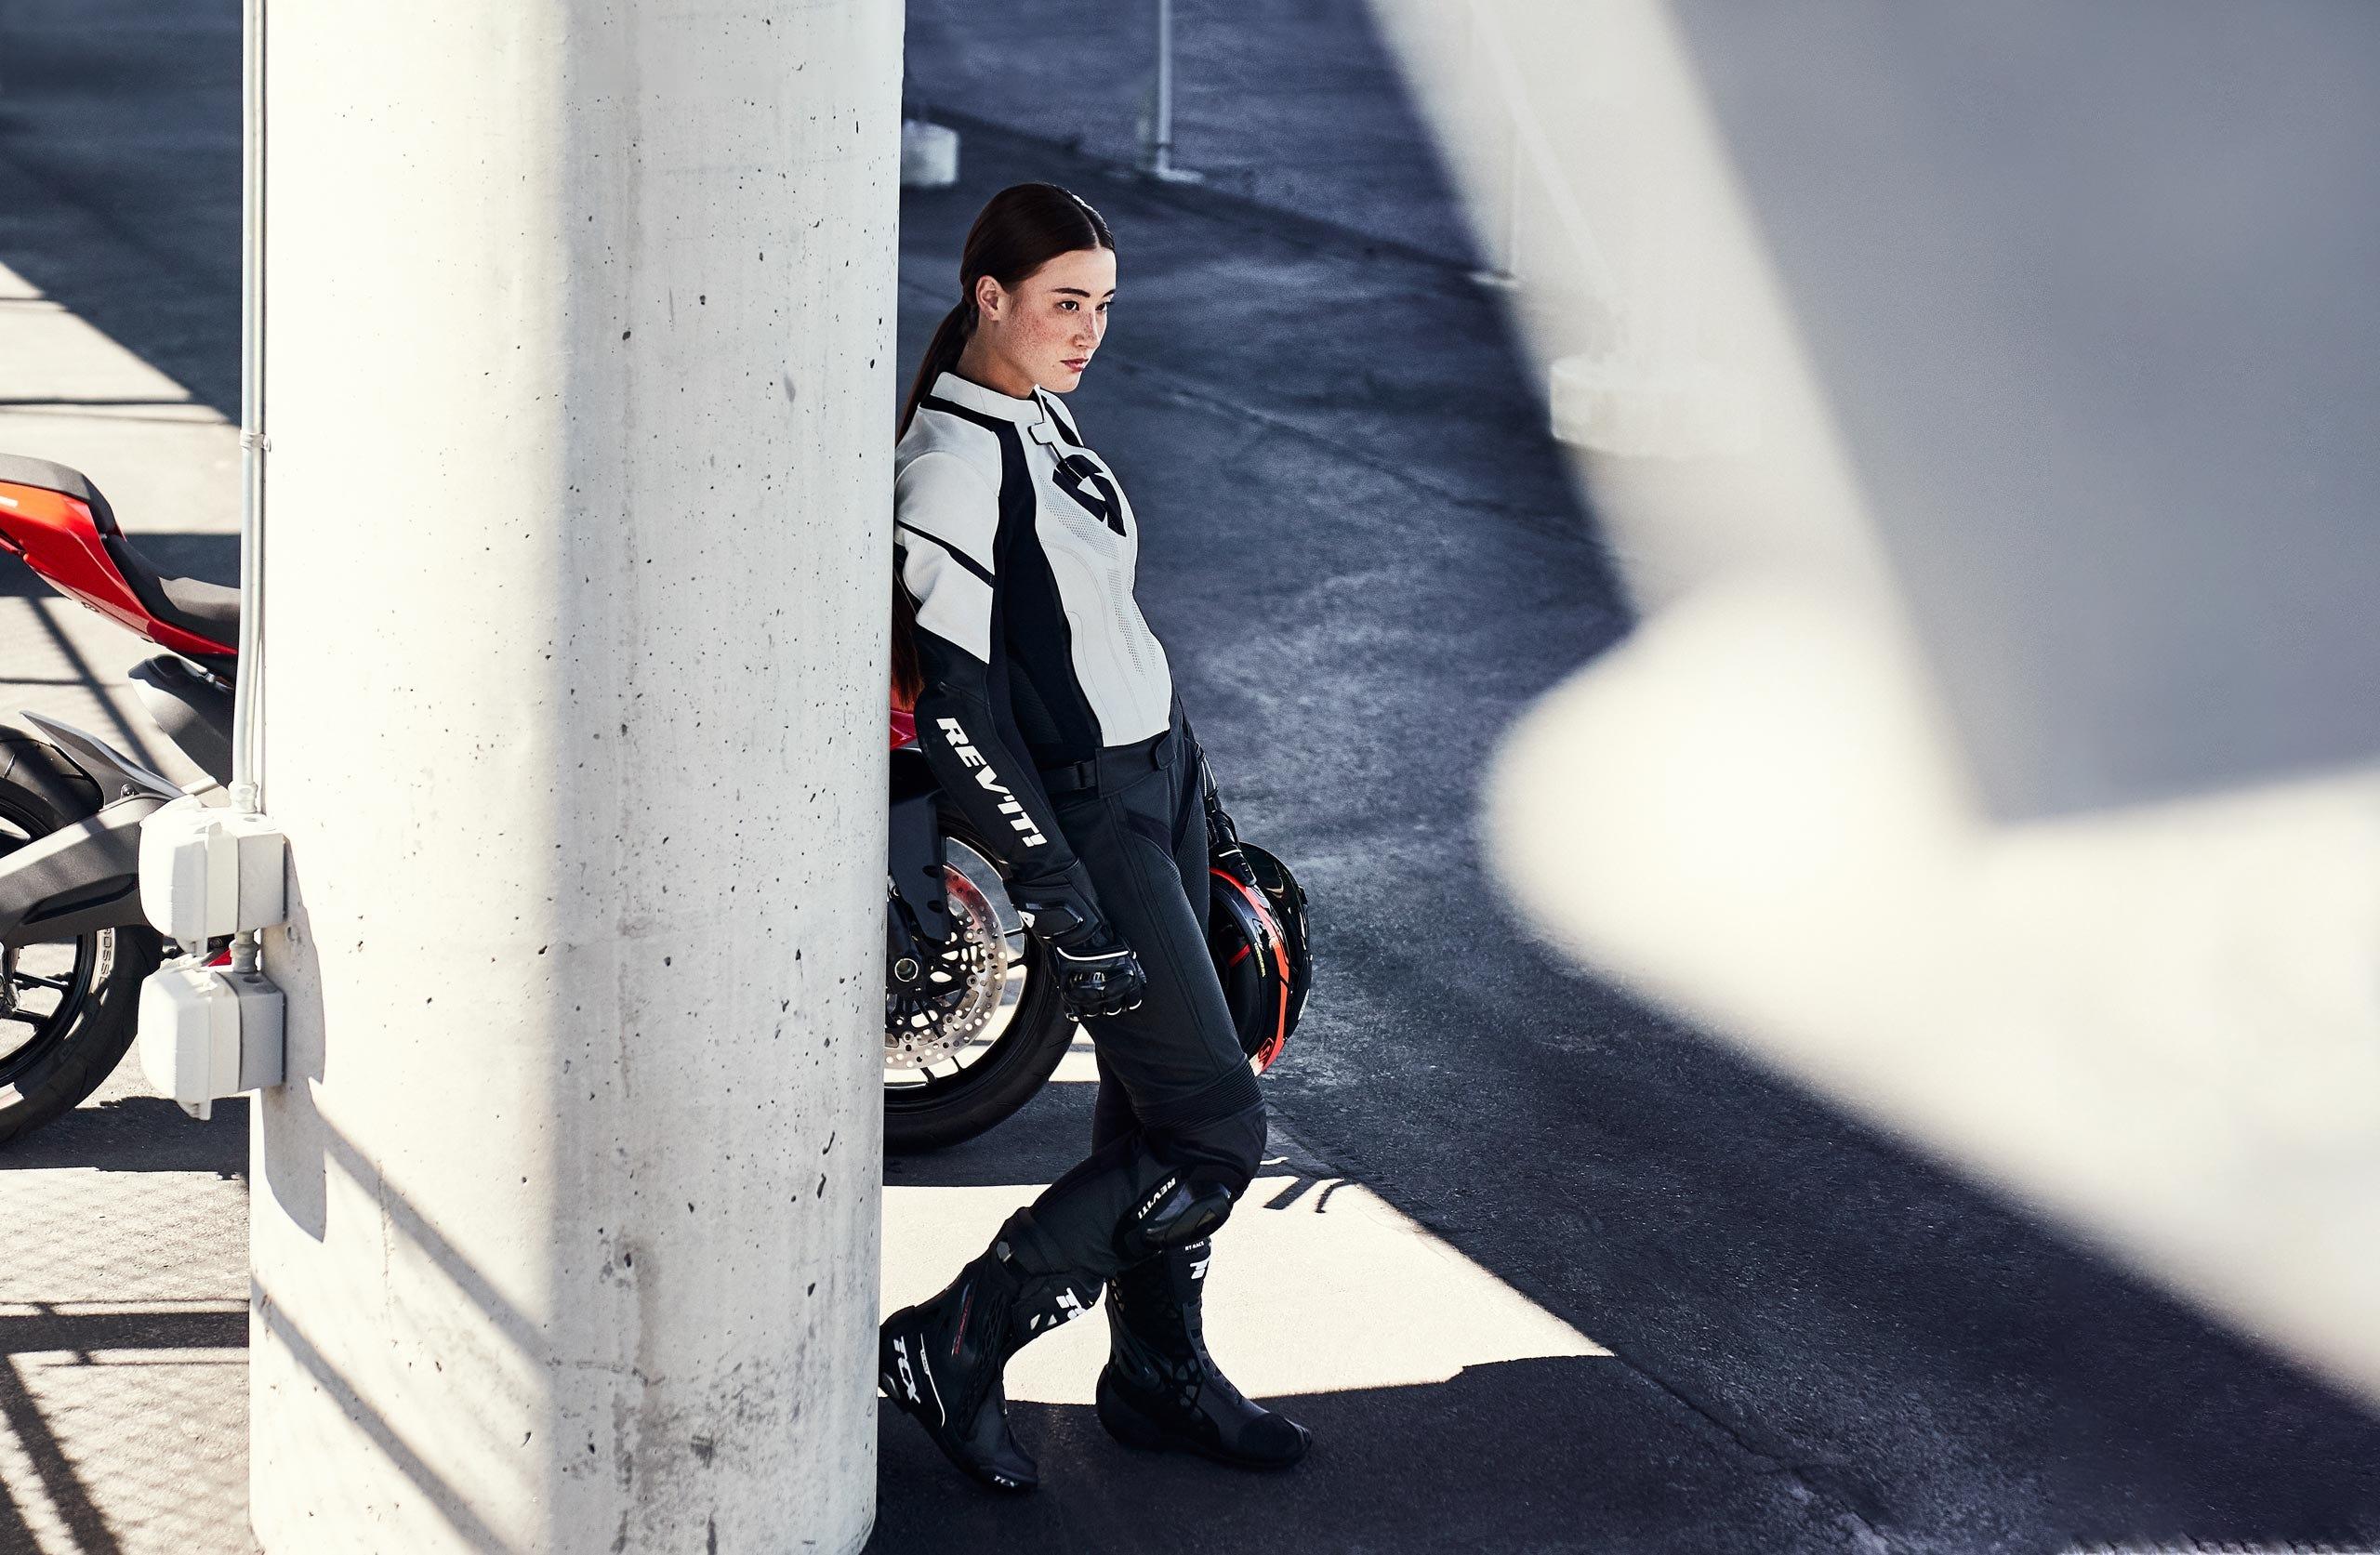 Xena Ladies One Pieces suit